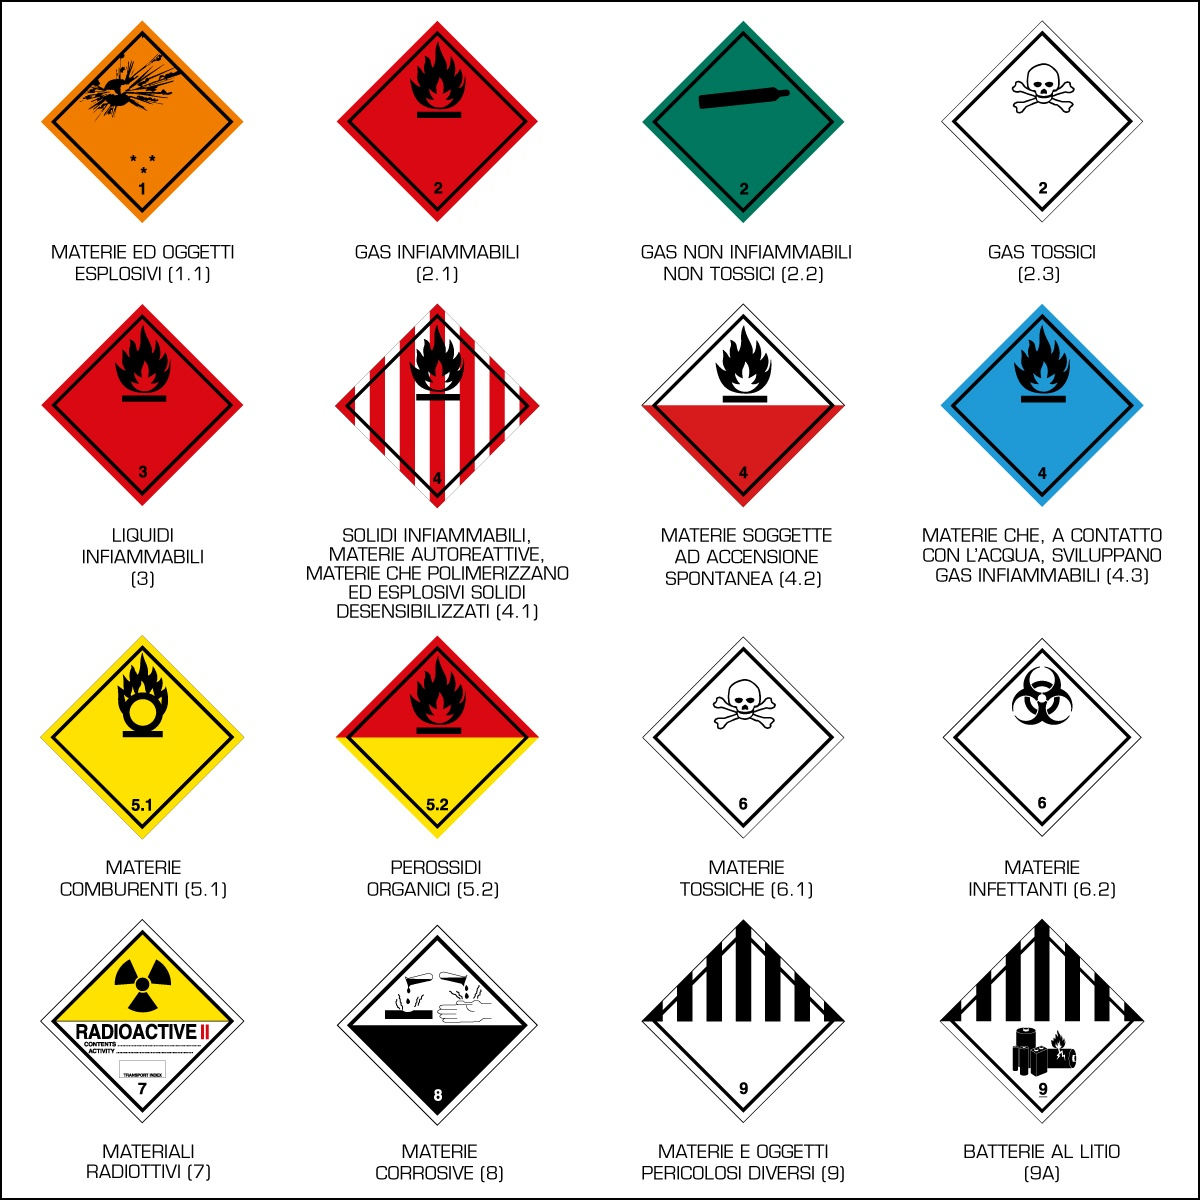 Etichette classi di pericolo